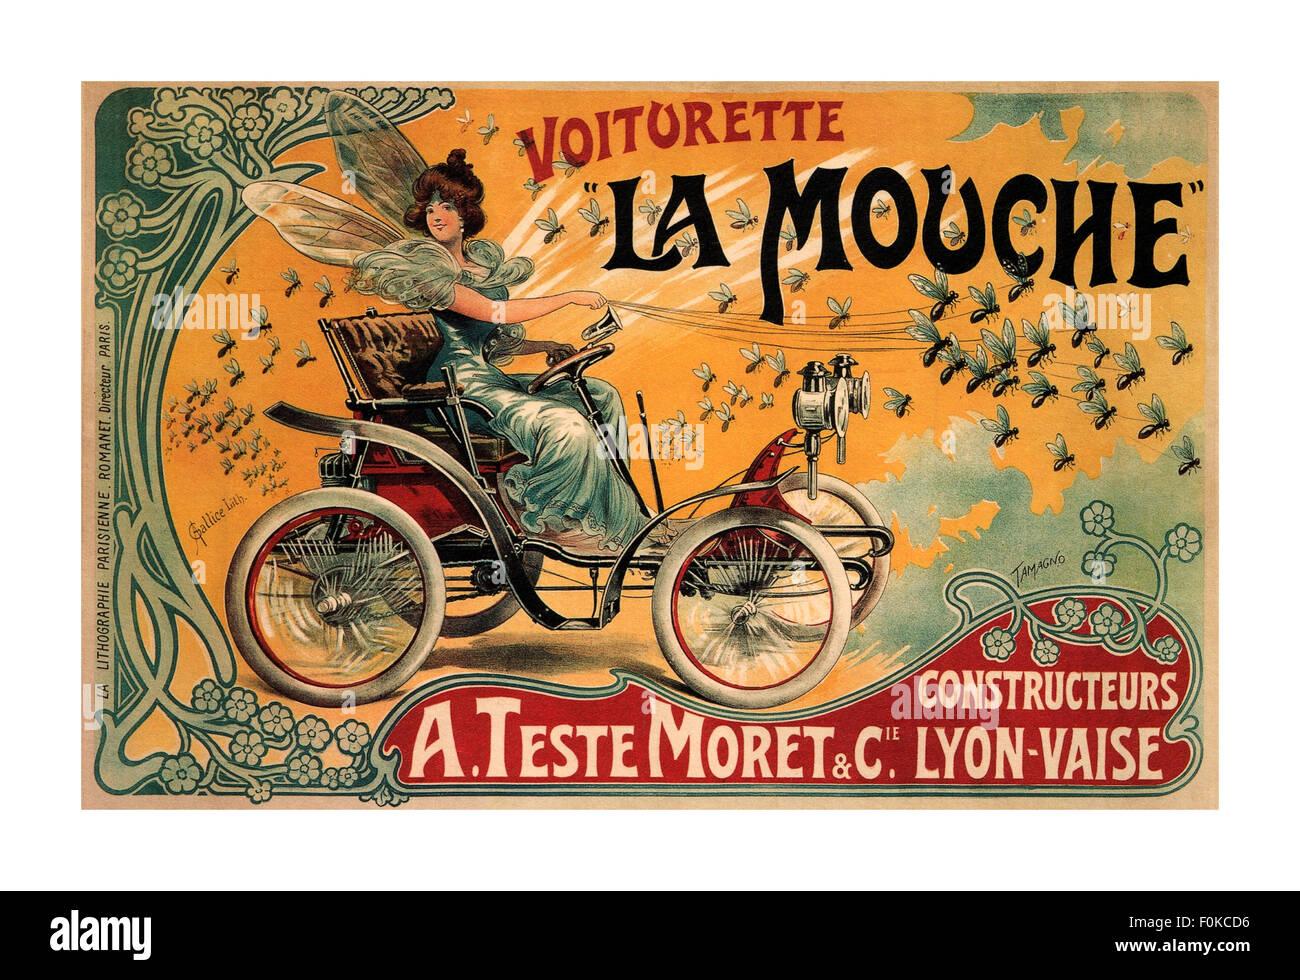 LA MOUCHE VOITURETTE 1900 im Art déco-Stil der französischen Firma, A. Teste Moret & Cie, förderte Stockbild